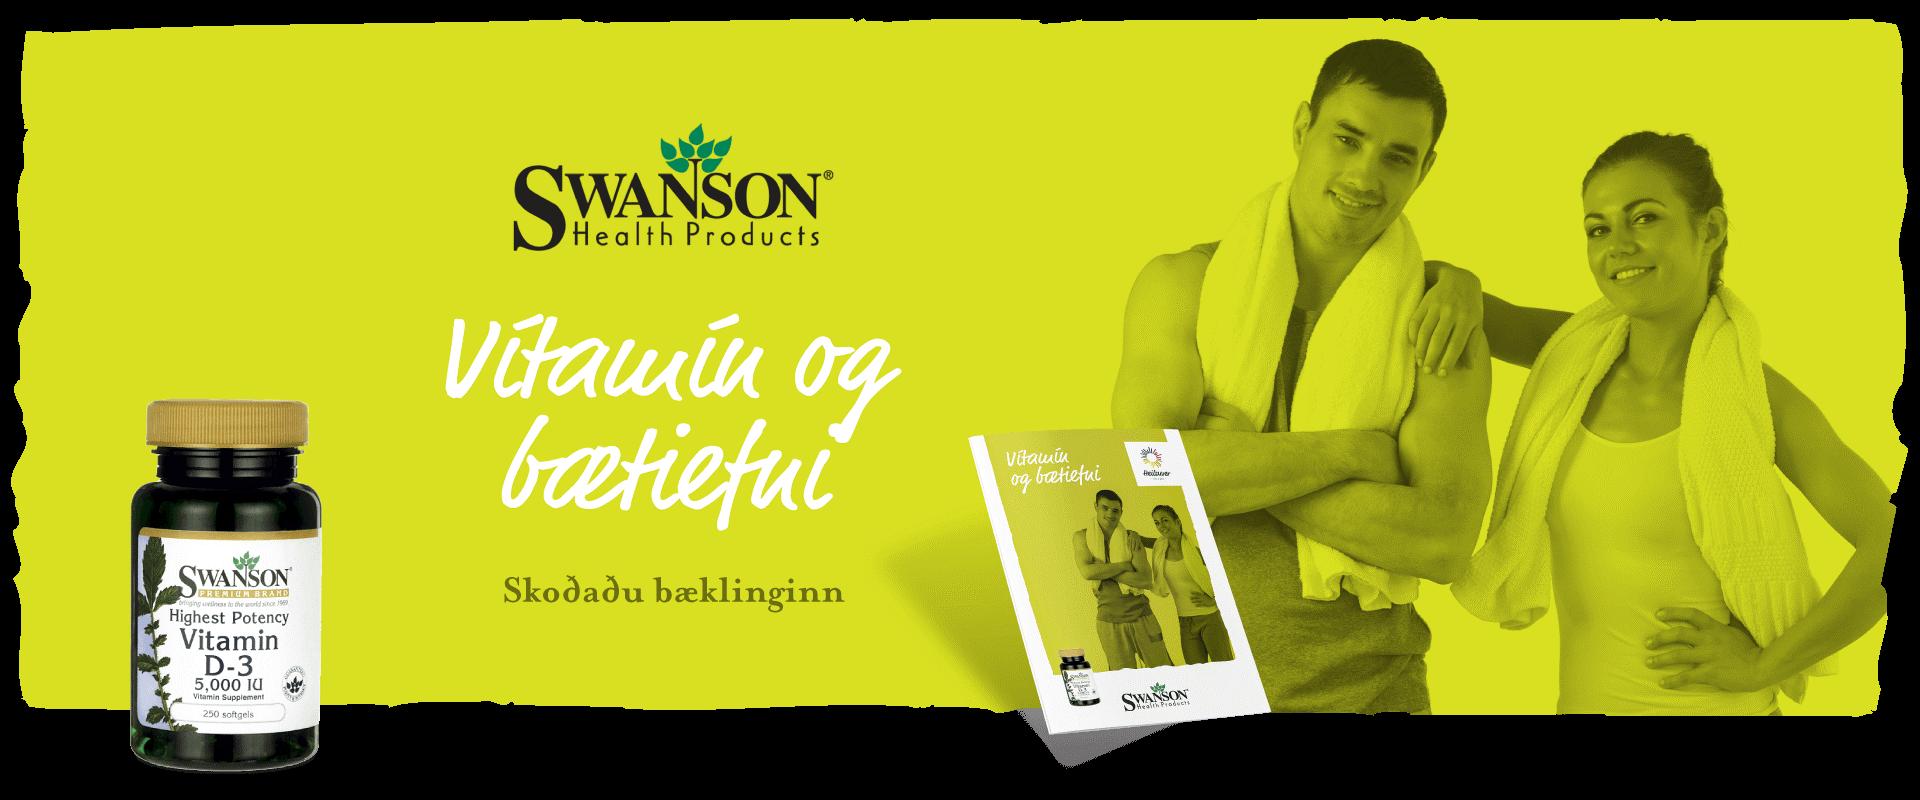 Swanson_banner_heimasíða